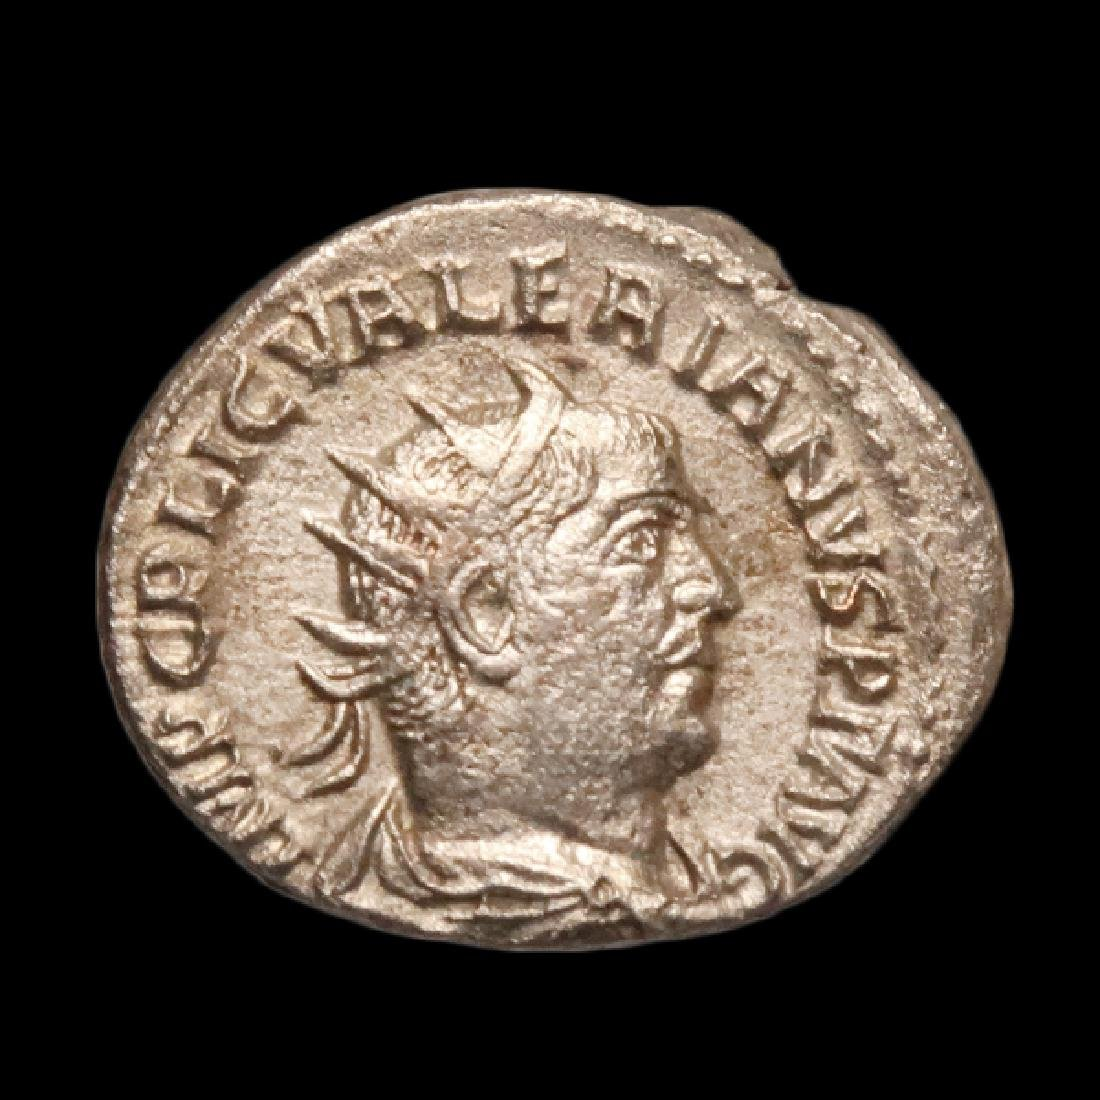 Emperor Valerian, Silver Denarius, Roman, c. 253-260